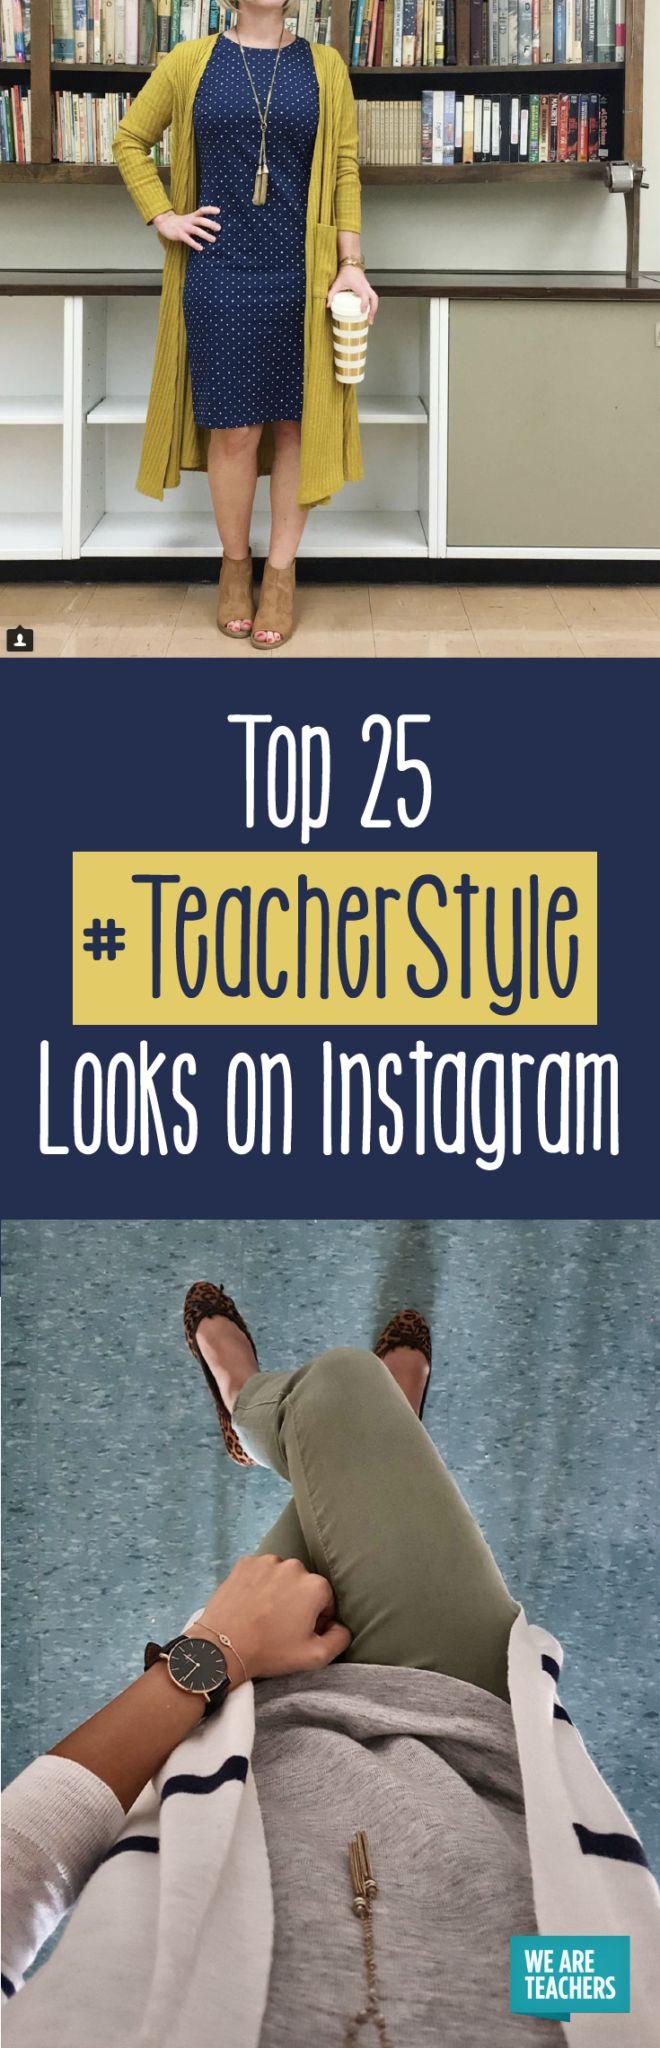 Top 25 #TeacherStyle Looks on Instagram - WeAreTeachers